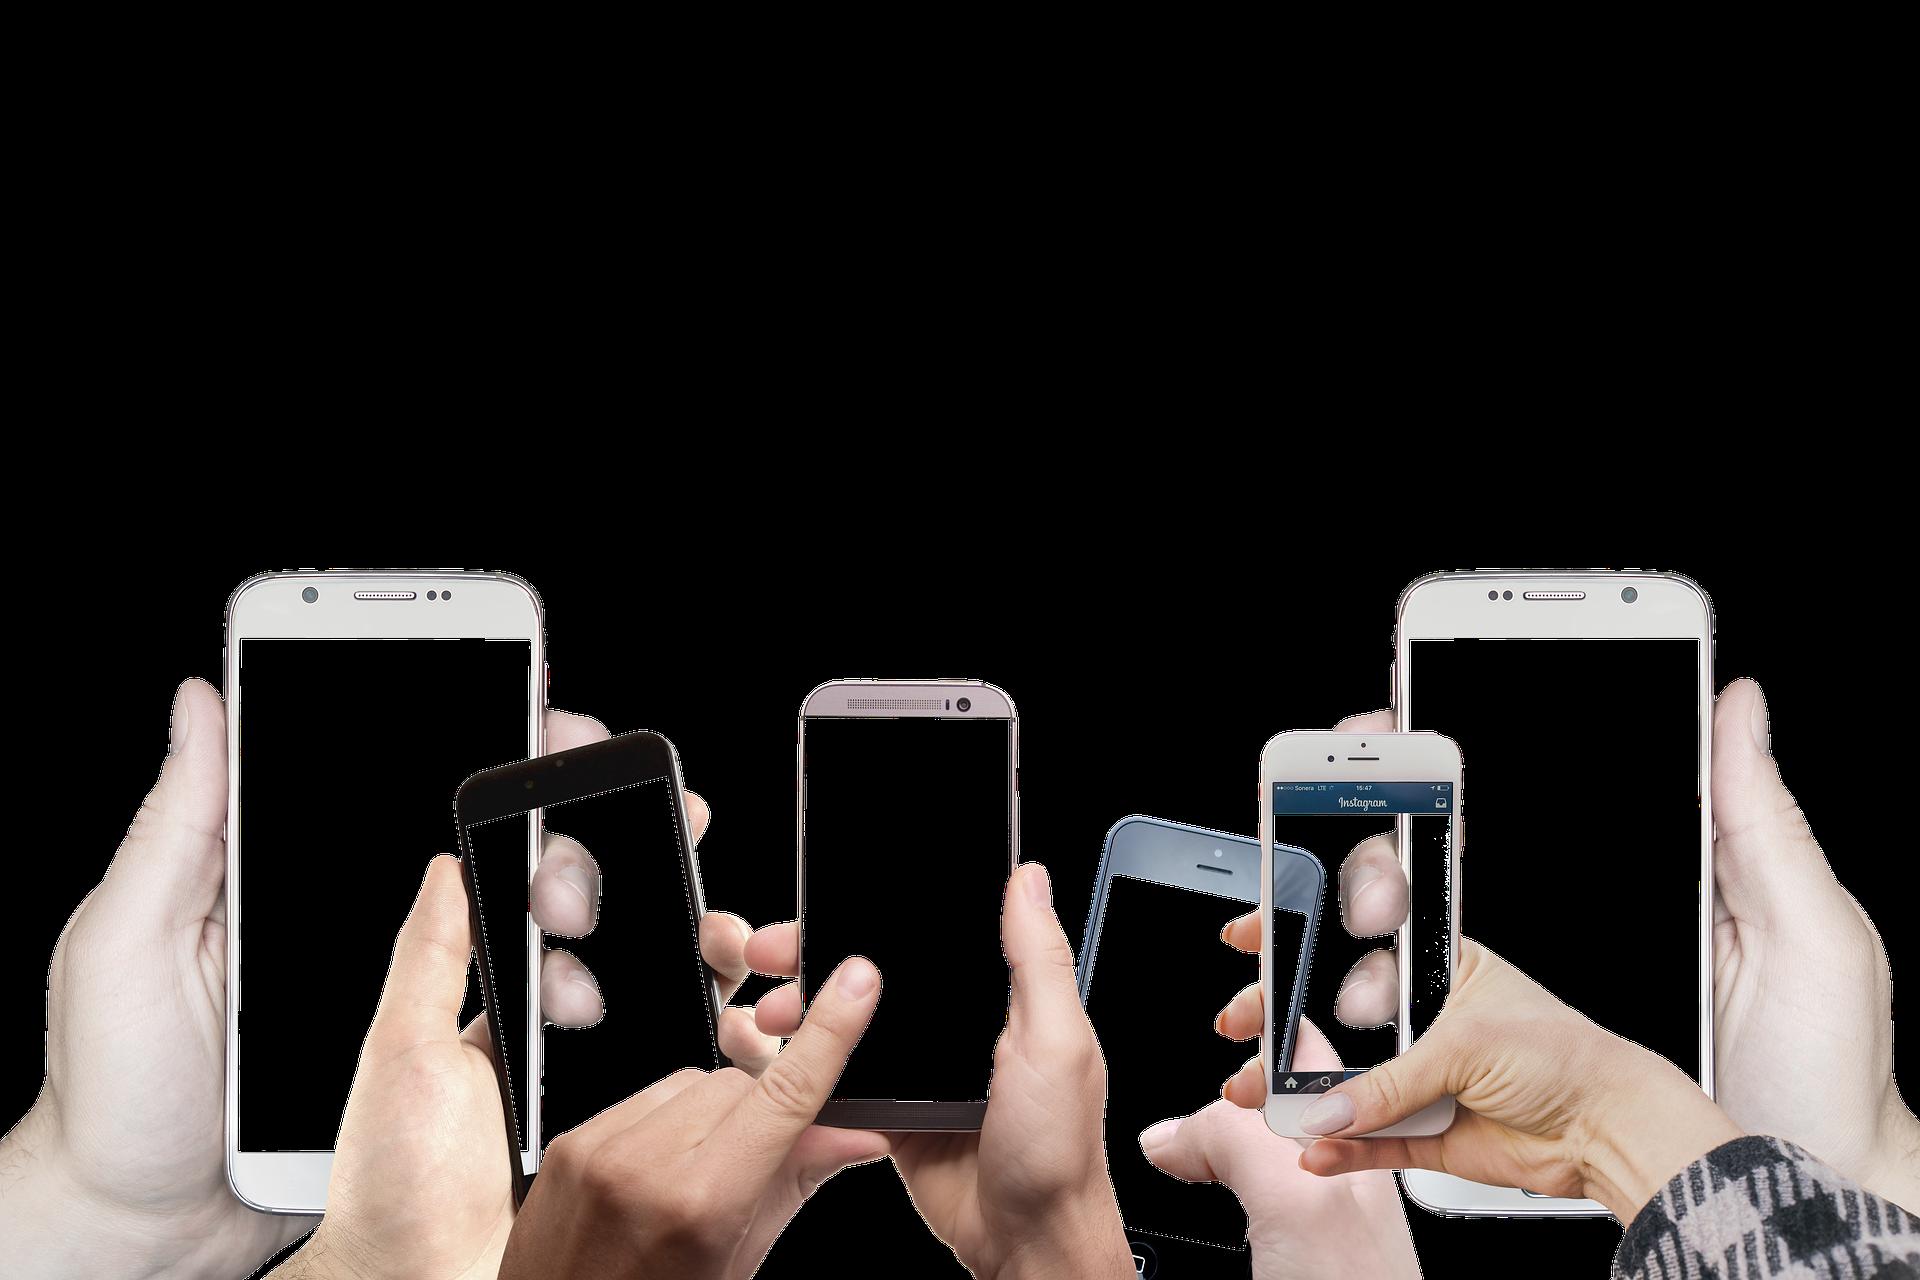 楽天モバイルとahamoどっちがおすすめ?乗り換える方法や対抗プランも紹介!